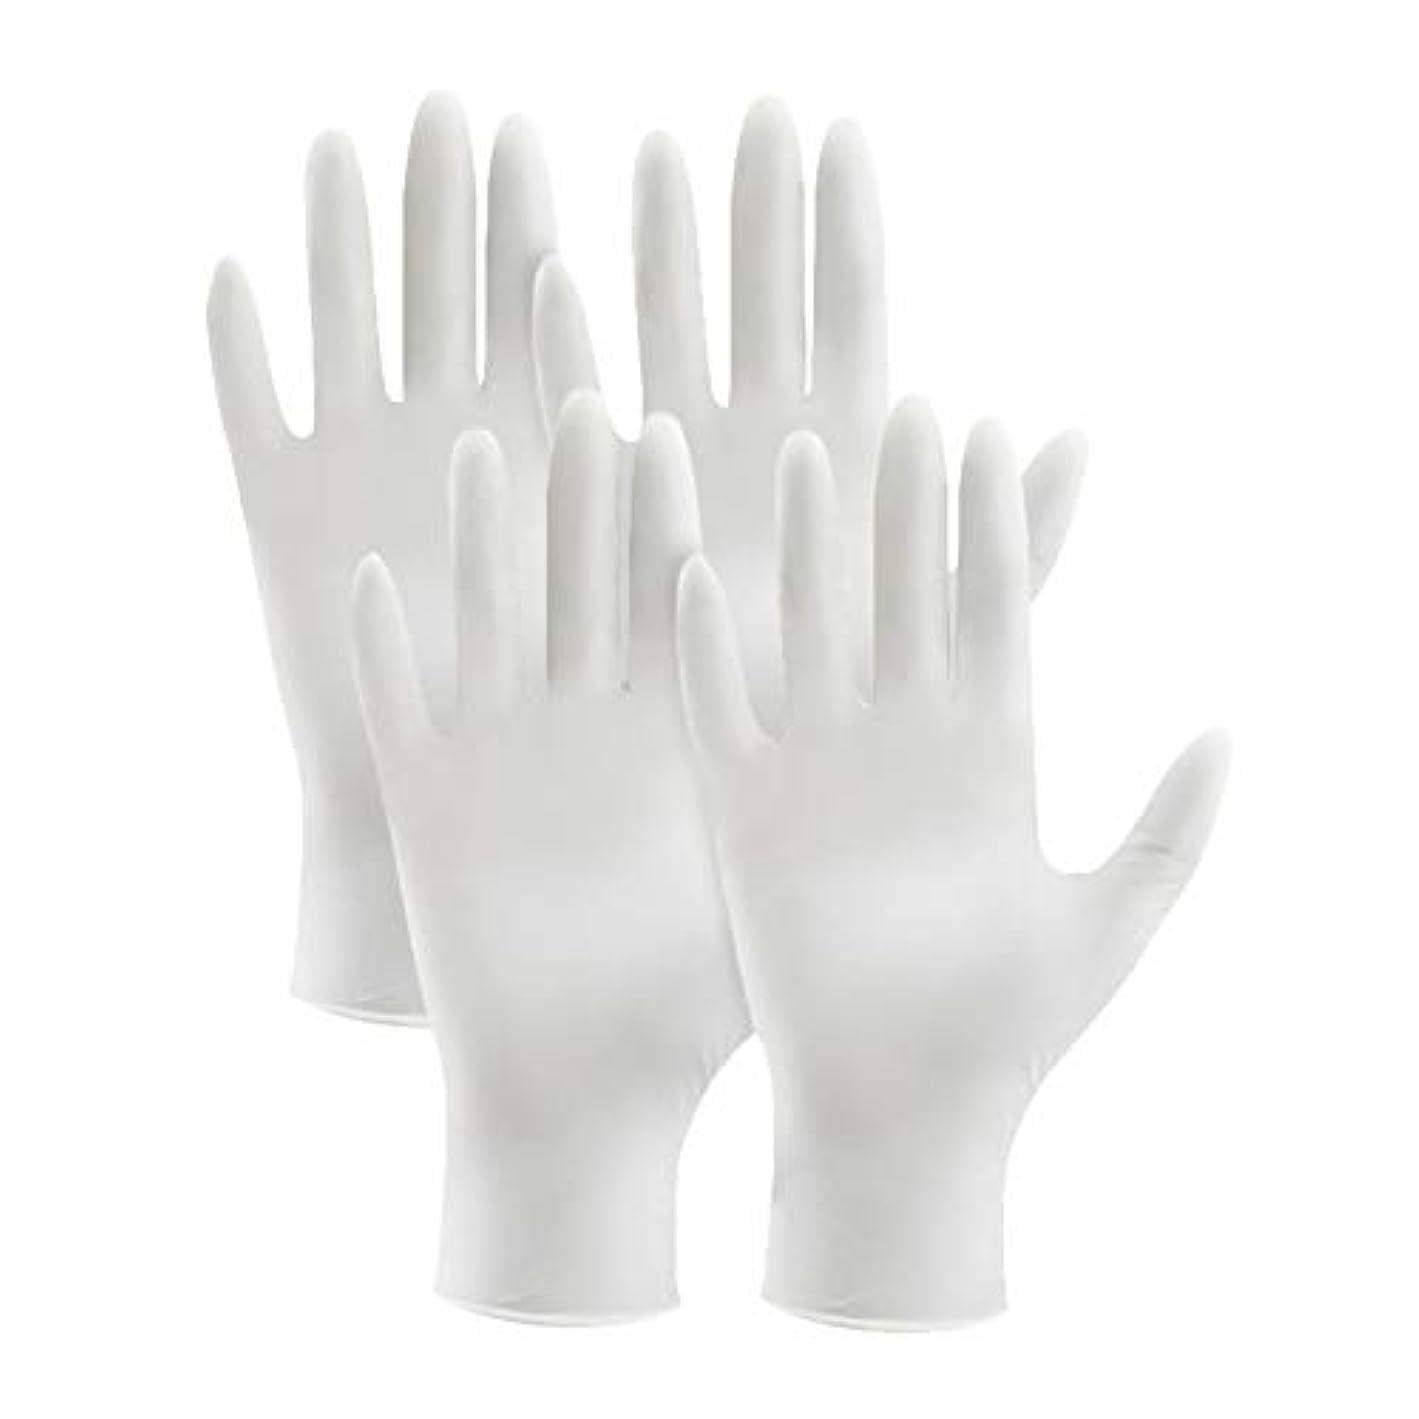 有毒なアナログ風刺ライフ小屋 使い捨てラテックス手袋 ニトリル手袋 4枚入り ニトリルゴム手袋 白 グローブ ゴム手袋 左右兼用 作業用 極薄